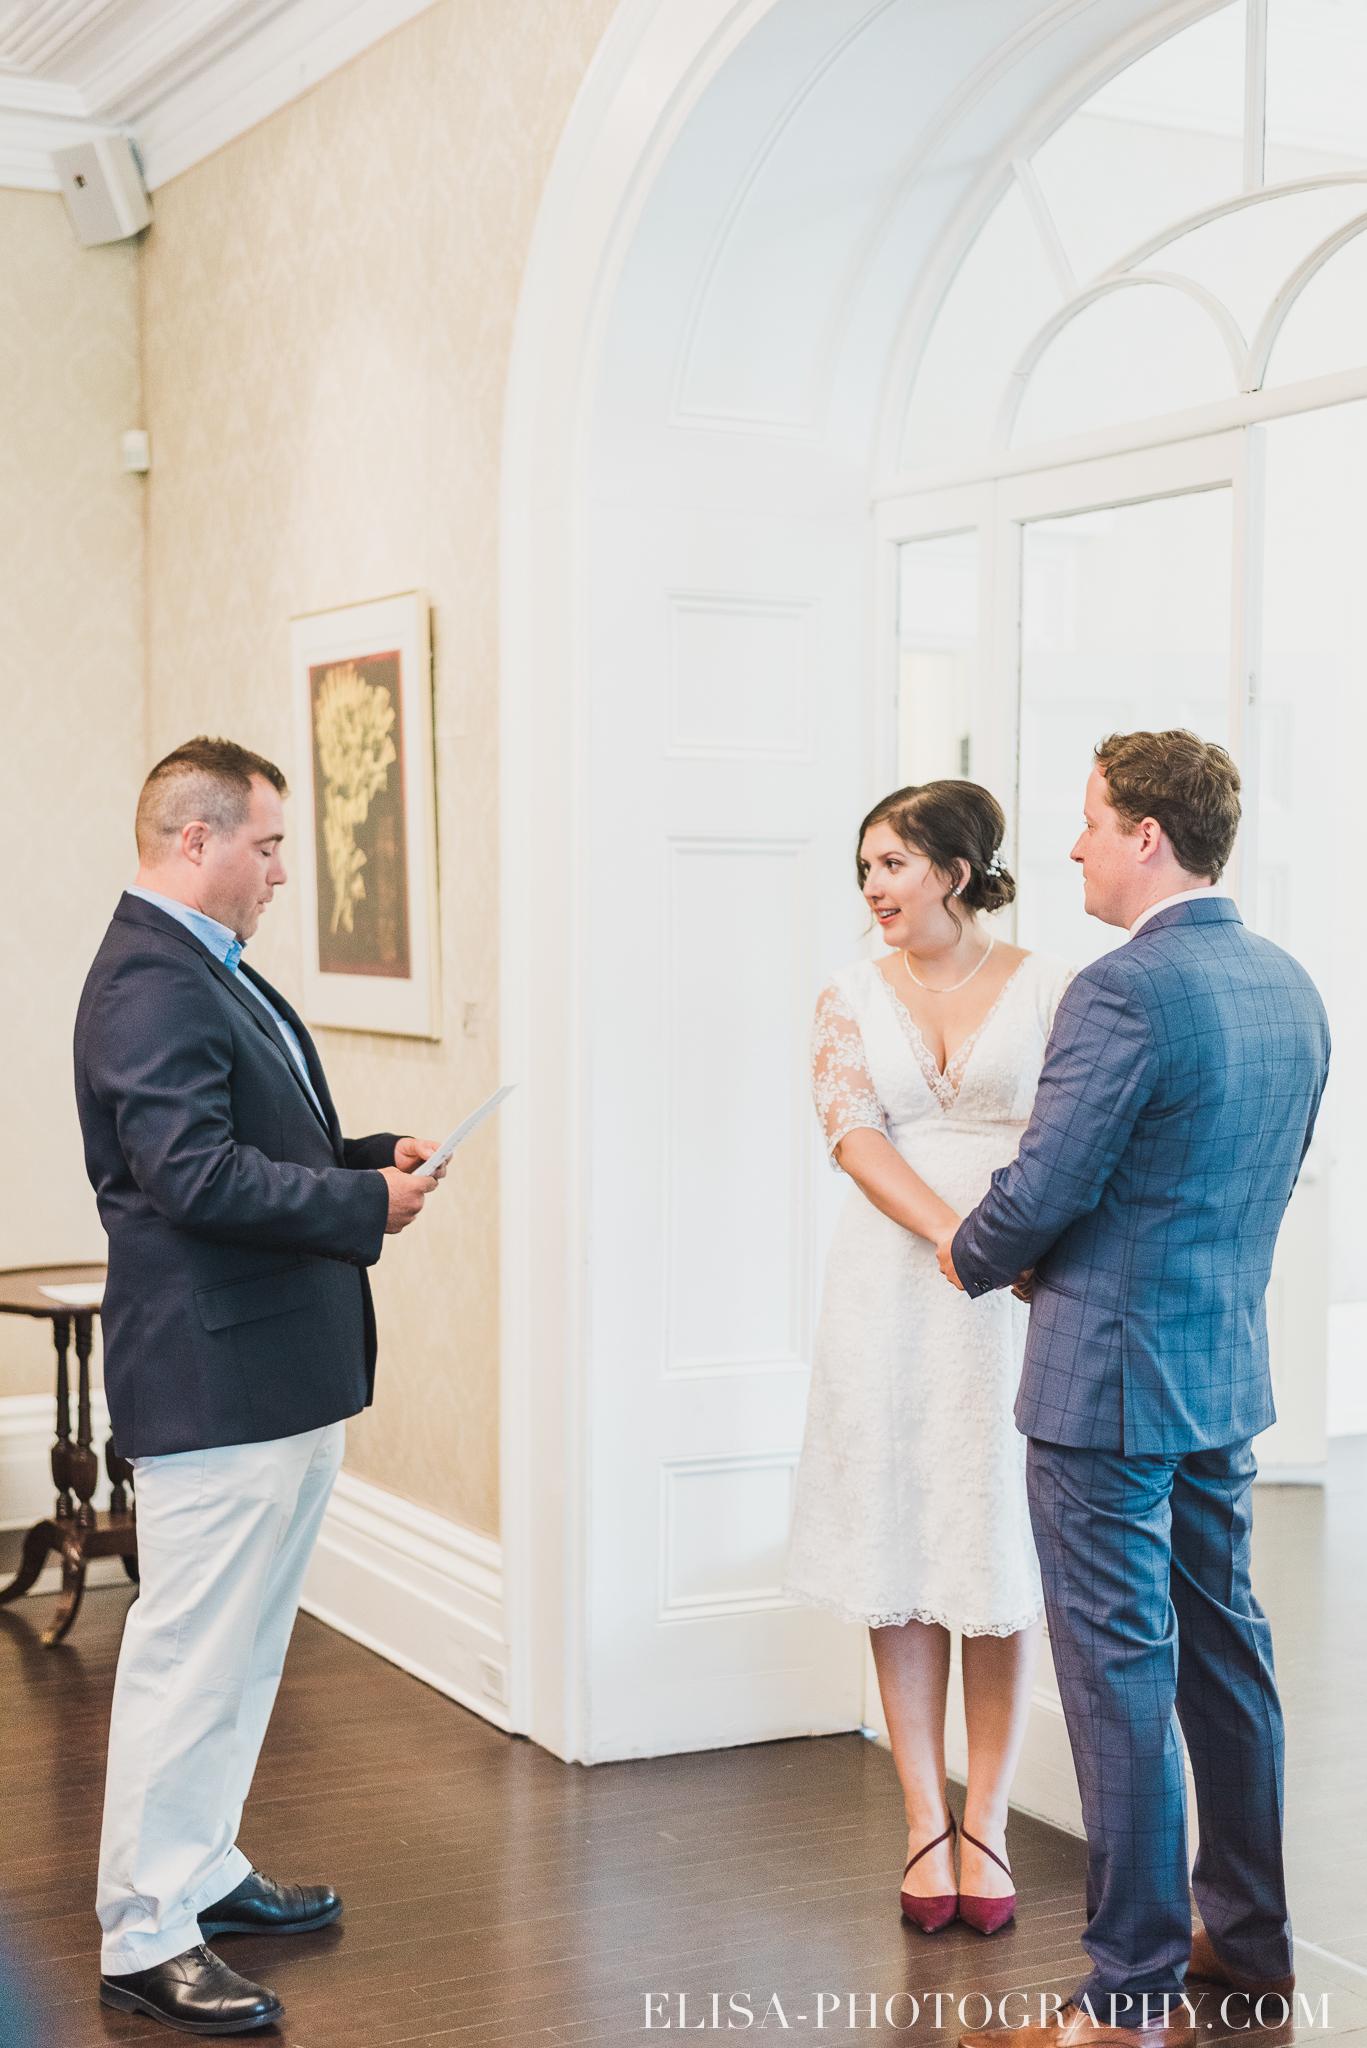 photo mariage domaine cataraqui wedding echange bagues voeux salle ceremonie 2328 - Mariage d'inspiration anglaise au domaine Cataraqui